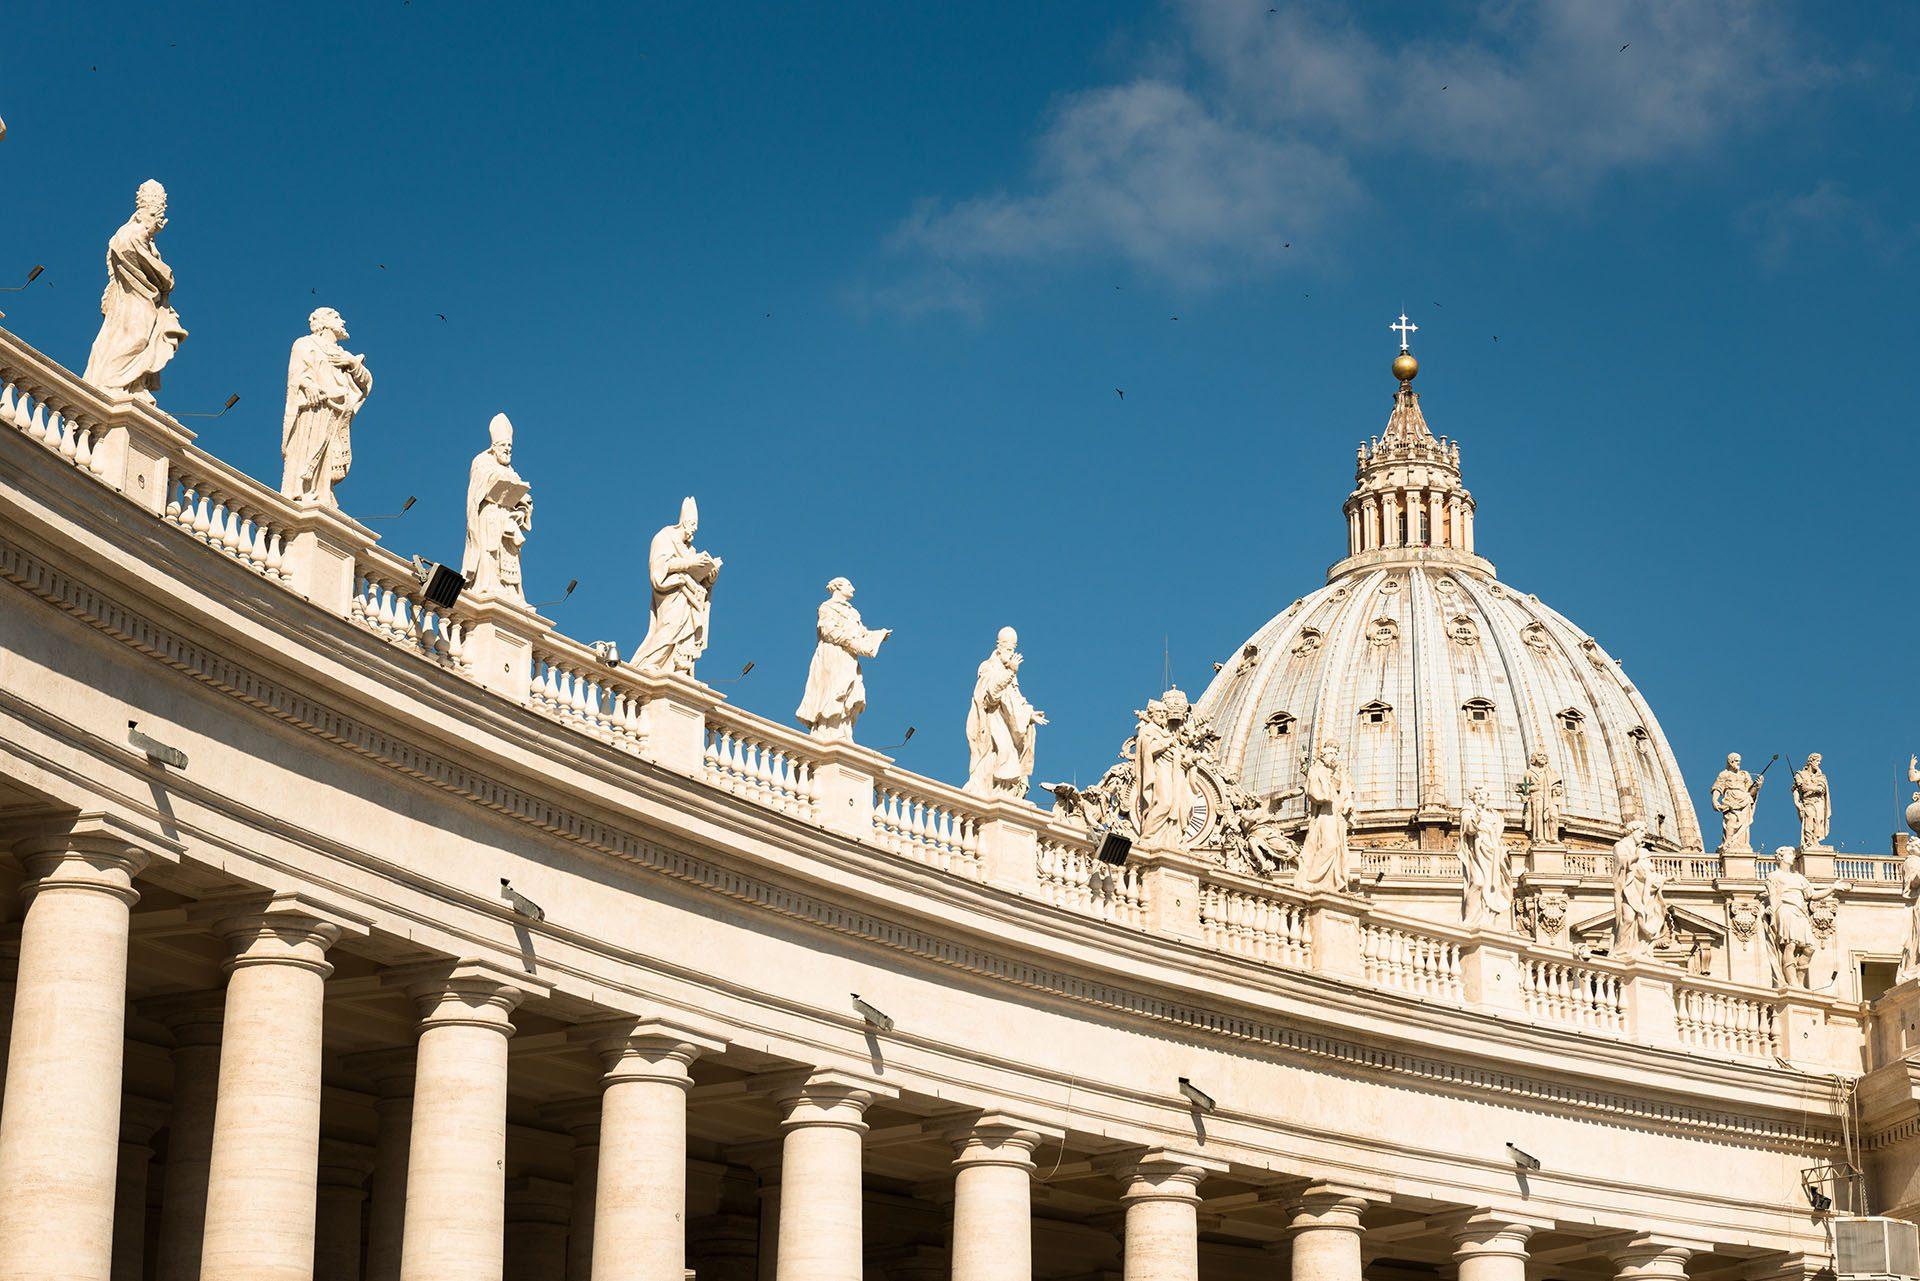 Vacance gay du Vatican